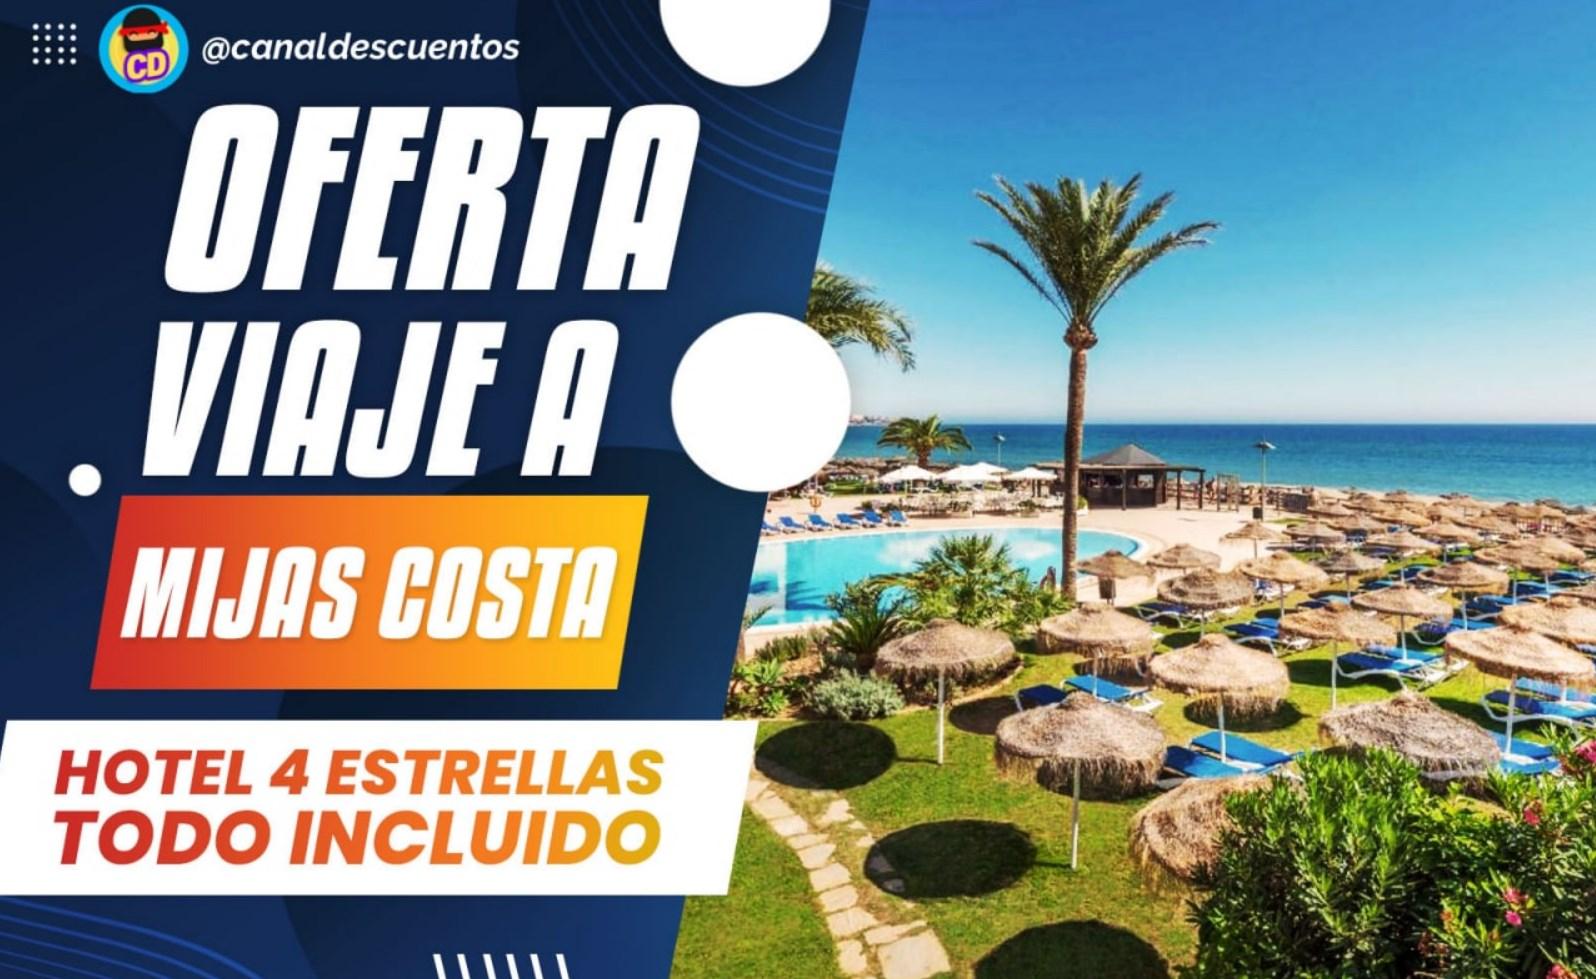 Vacaciones en la costa de Mijas-Málaga con Pensión Completa desde 348€ persona/paquete 4 noches